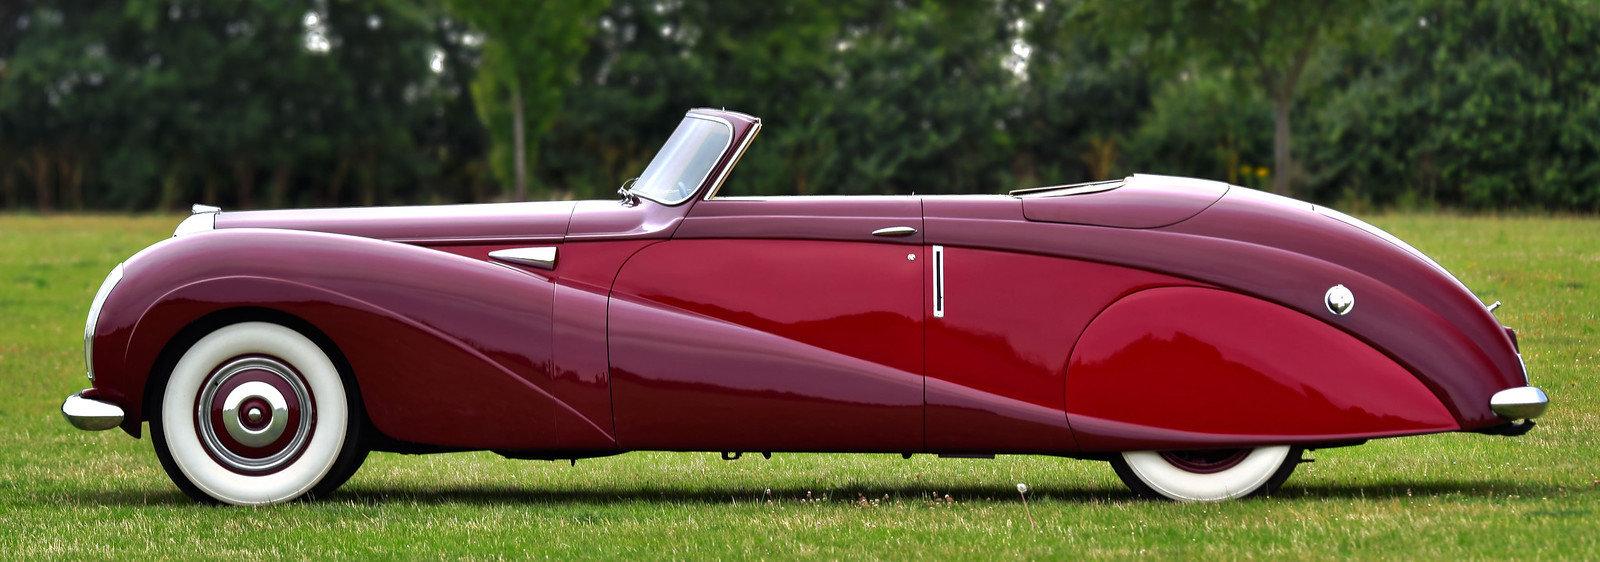 1948 Daimler DE36 Drophead Coupé by Hooper For Sale (picture 2 of 6)